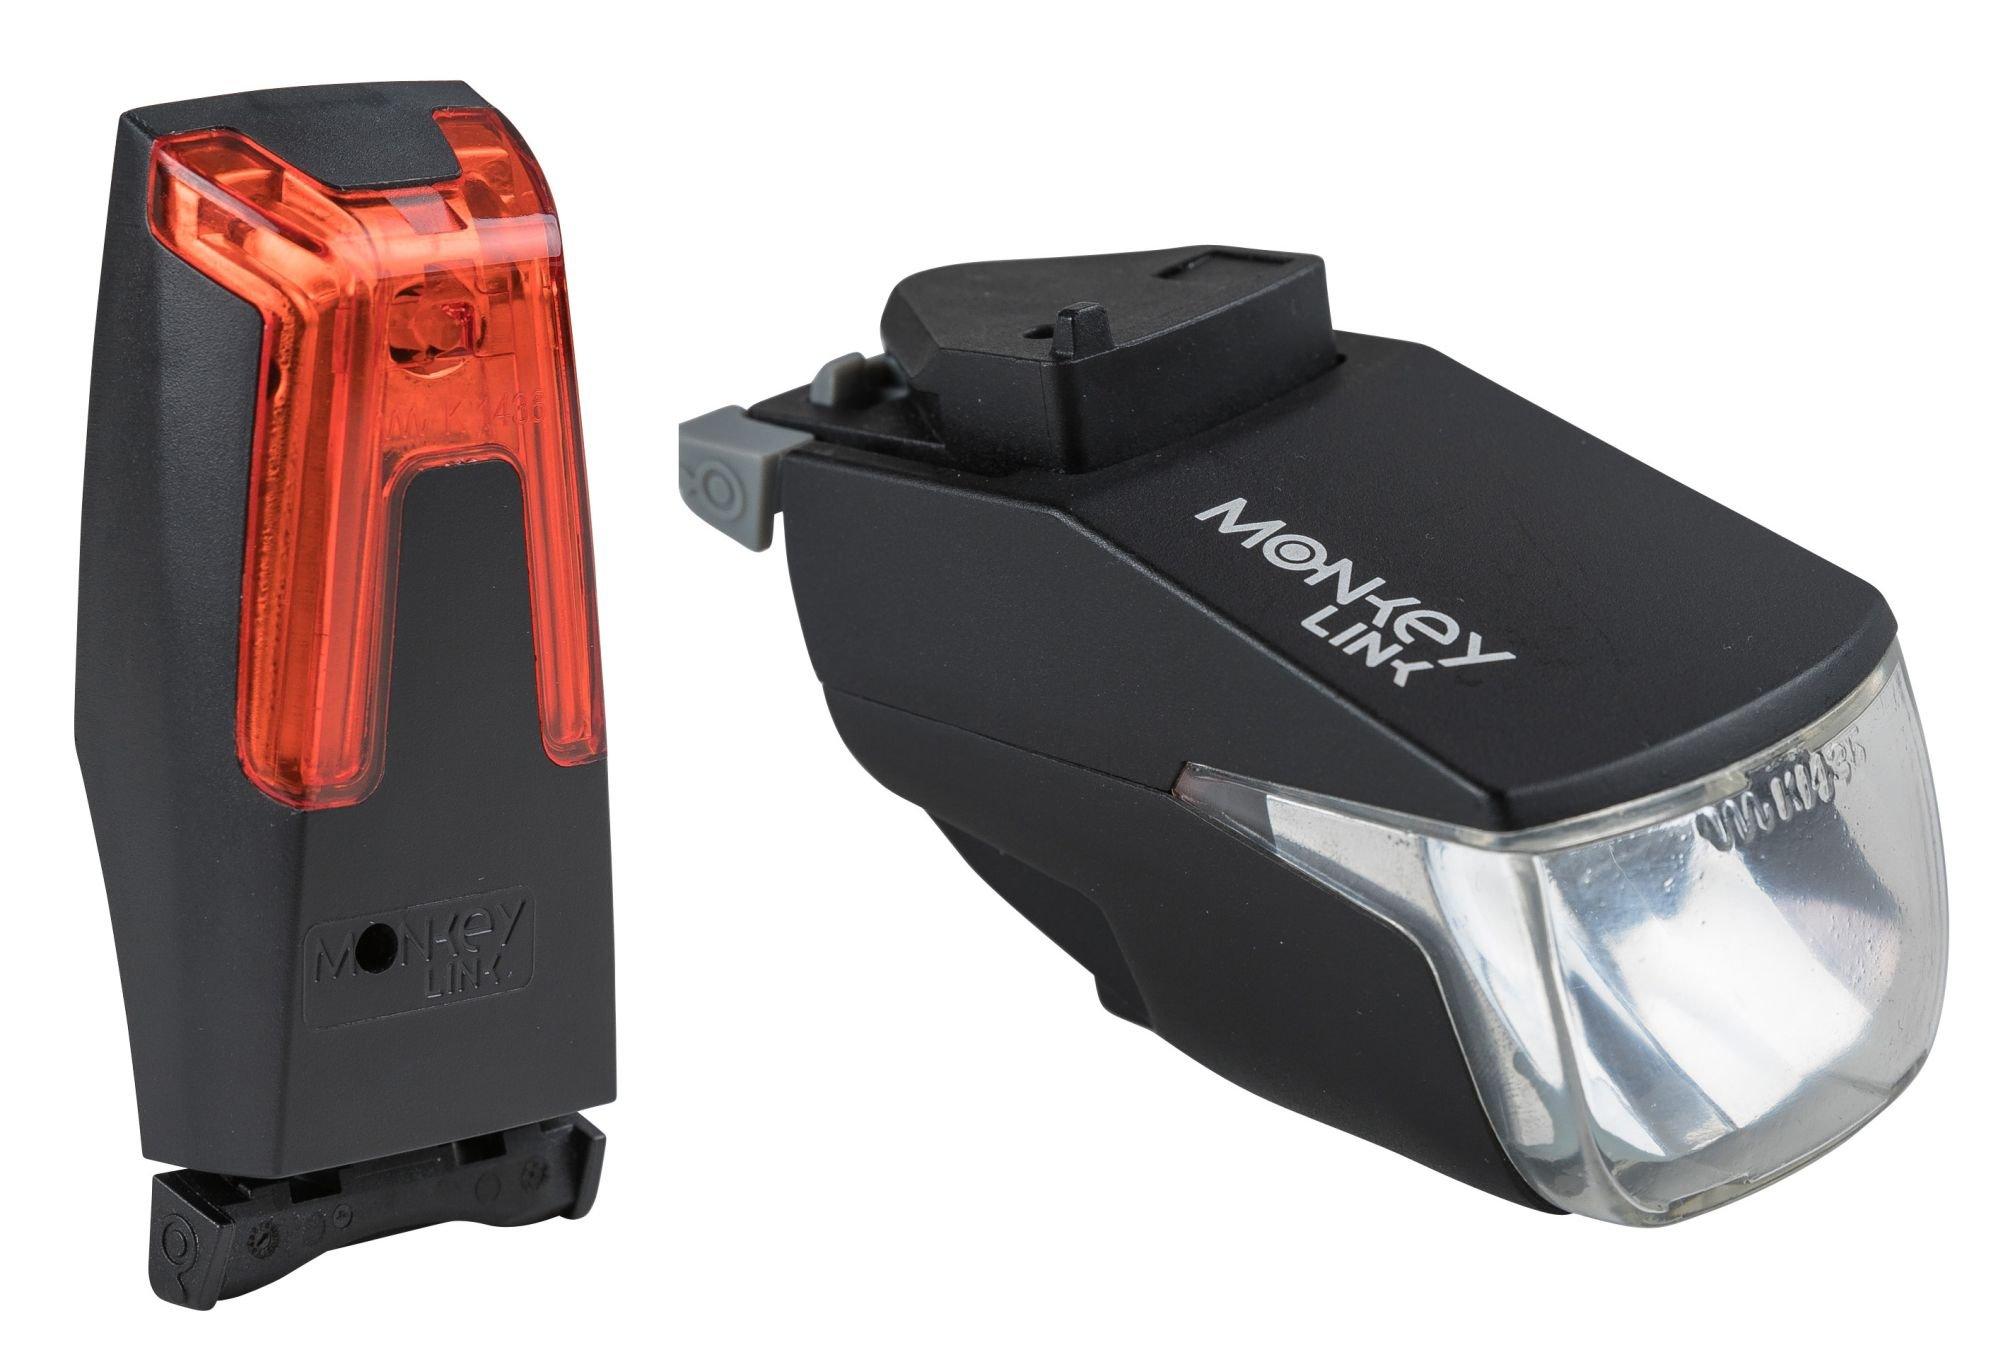 batterielicht vorne/Beleuchtung: MonkeyLink  Beleuchtungsset MonkeyLight 30 Lux Set Recharge (nur über USB aufladbar)